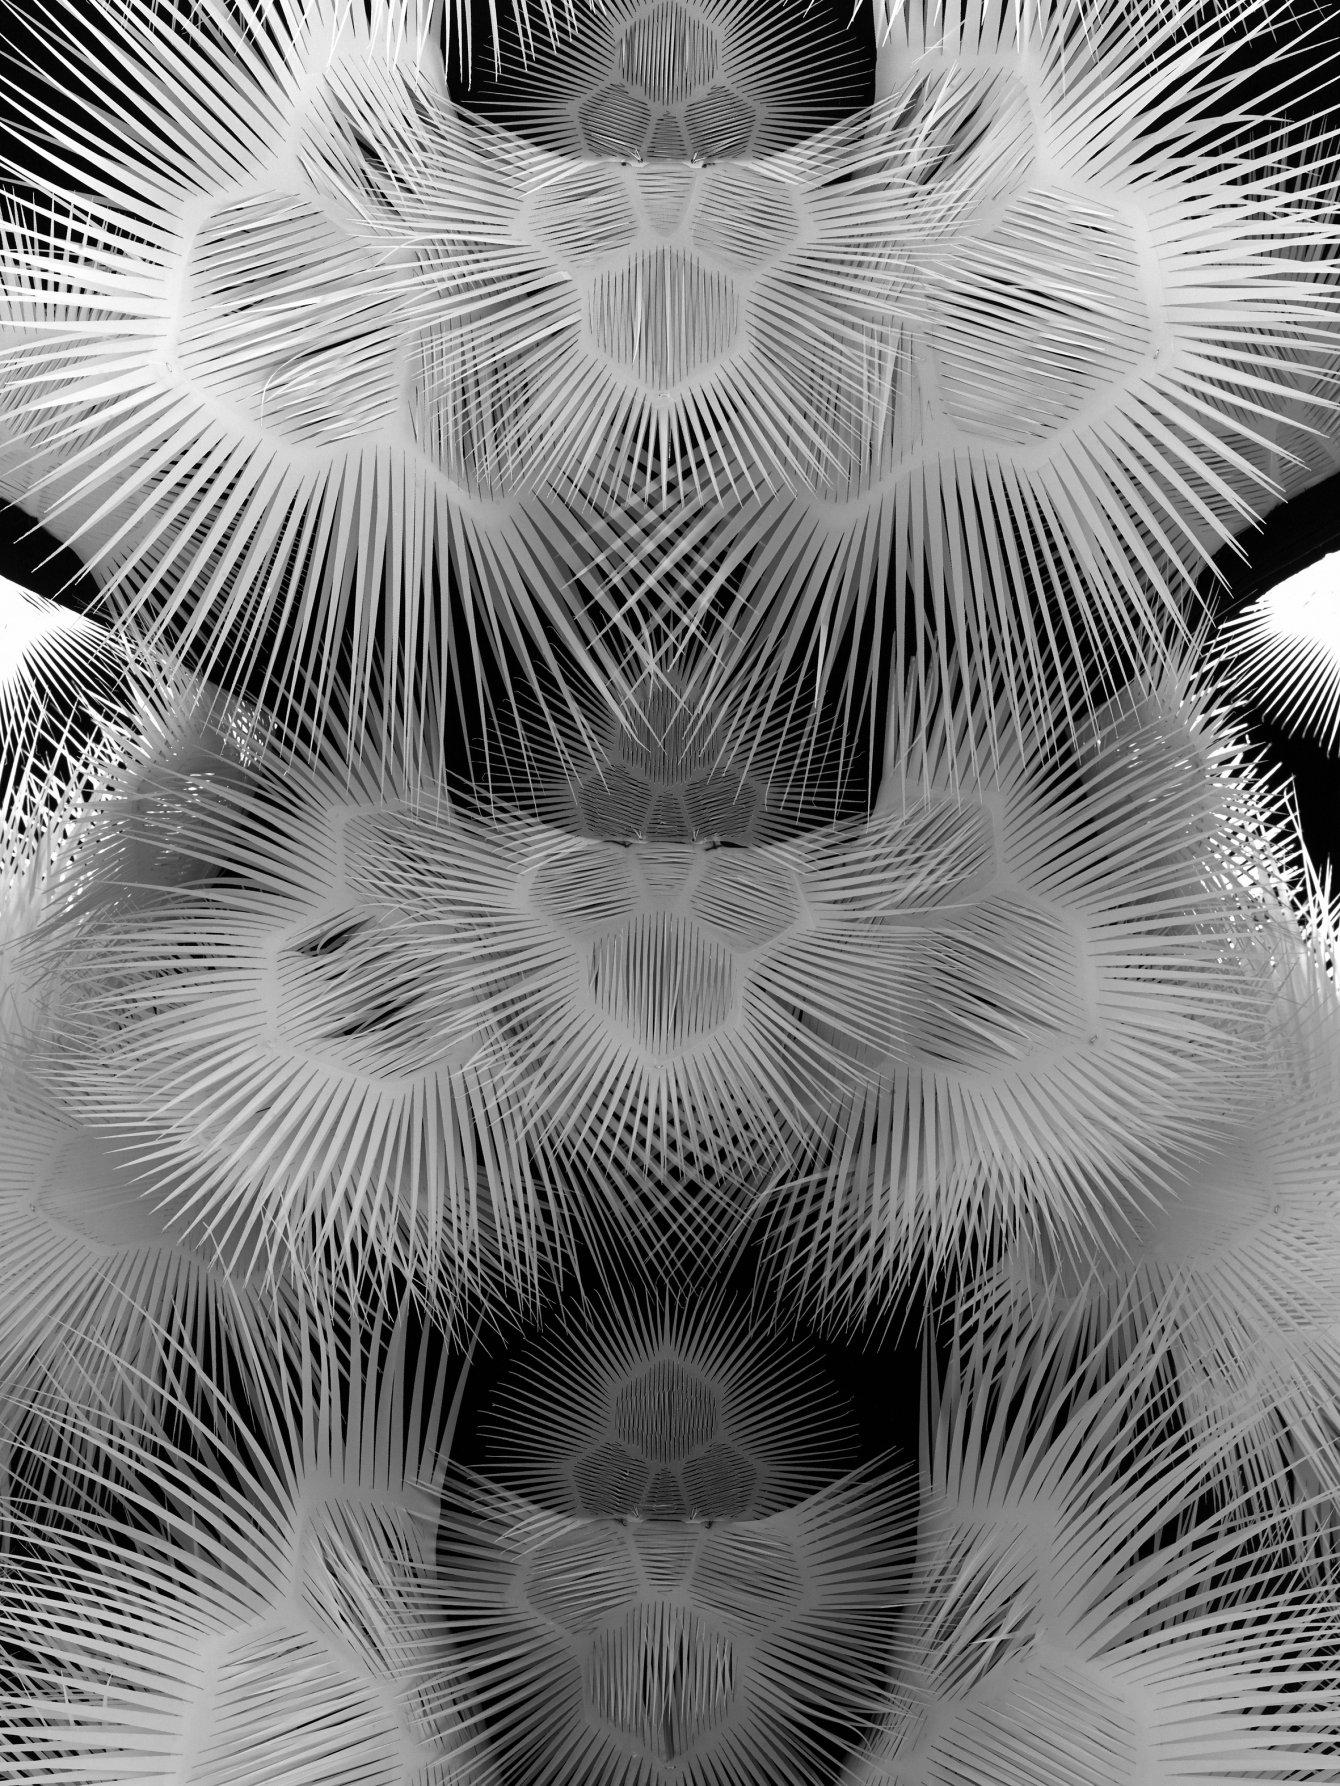 160730 Iris van Herpen122589 var detail shot